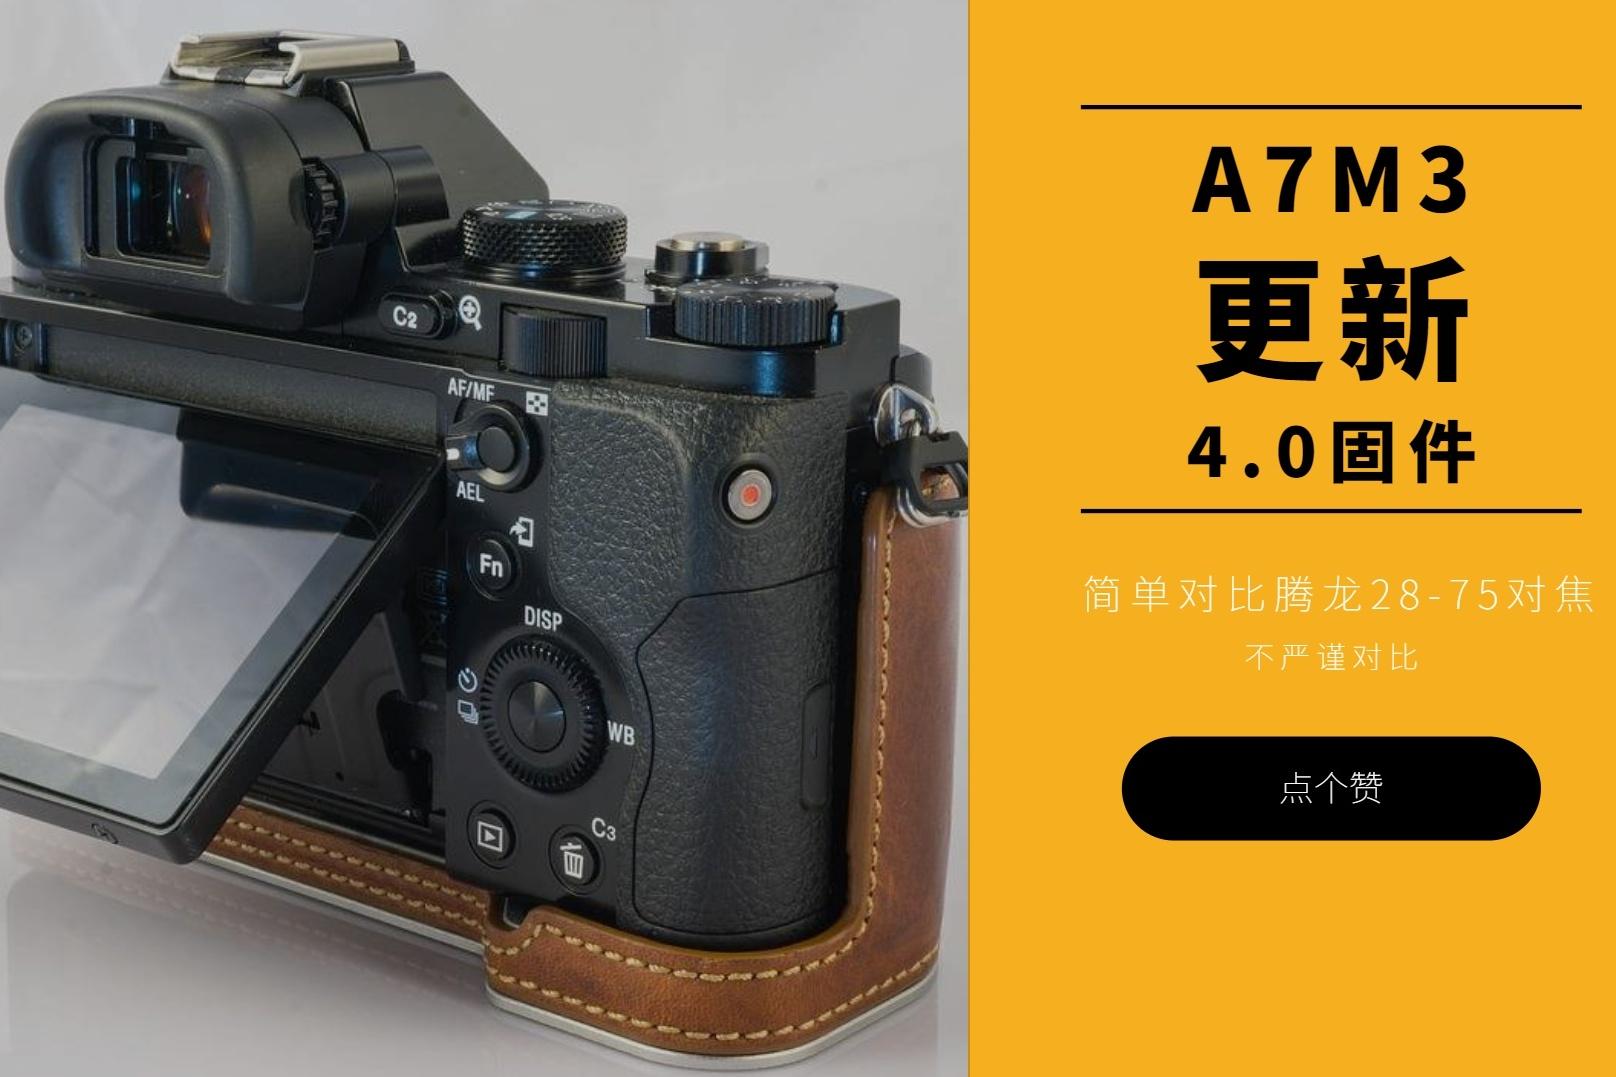 索尼A7M3更新4.0固件,升级简单对比28-75对焦